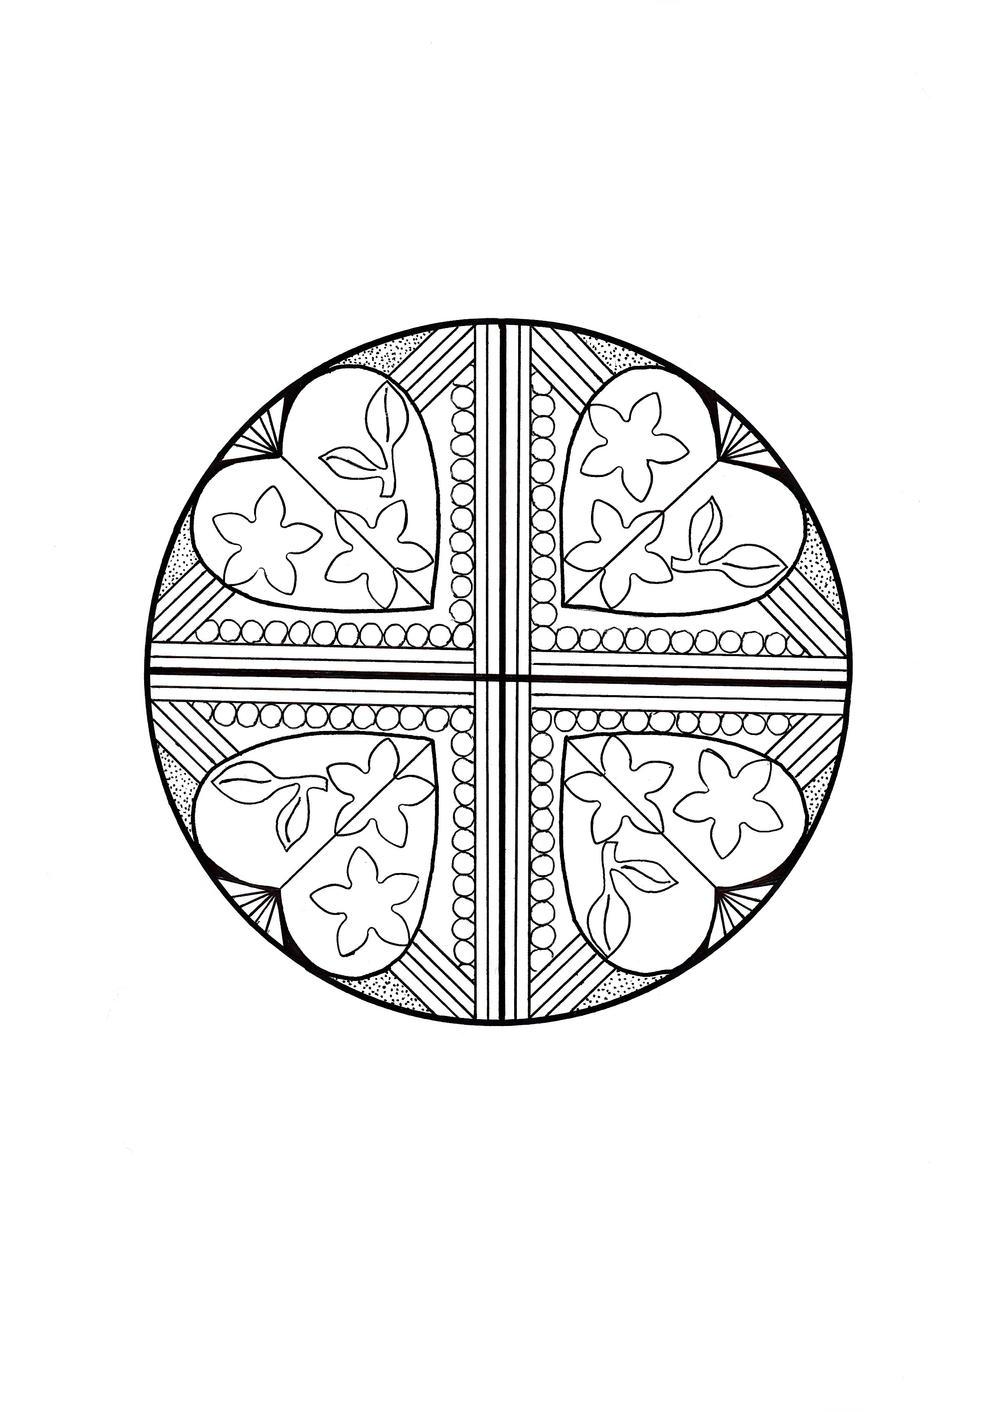 heart quartet mandala coloring page favecraftscom pile